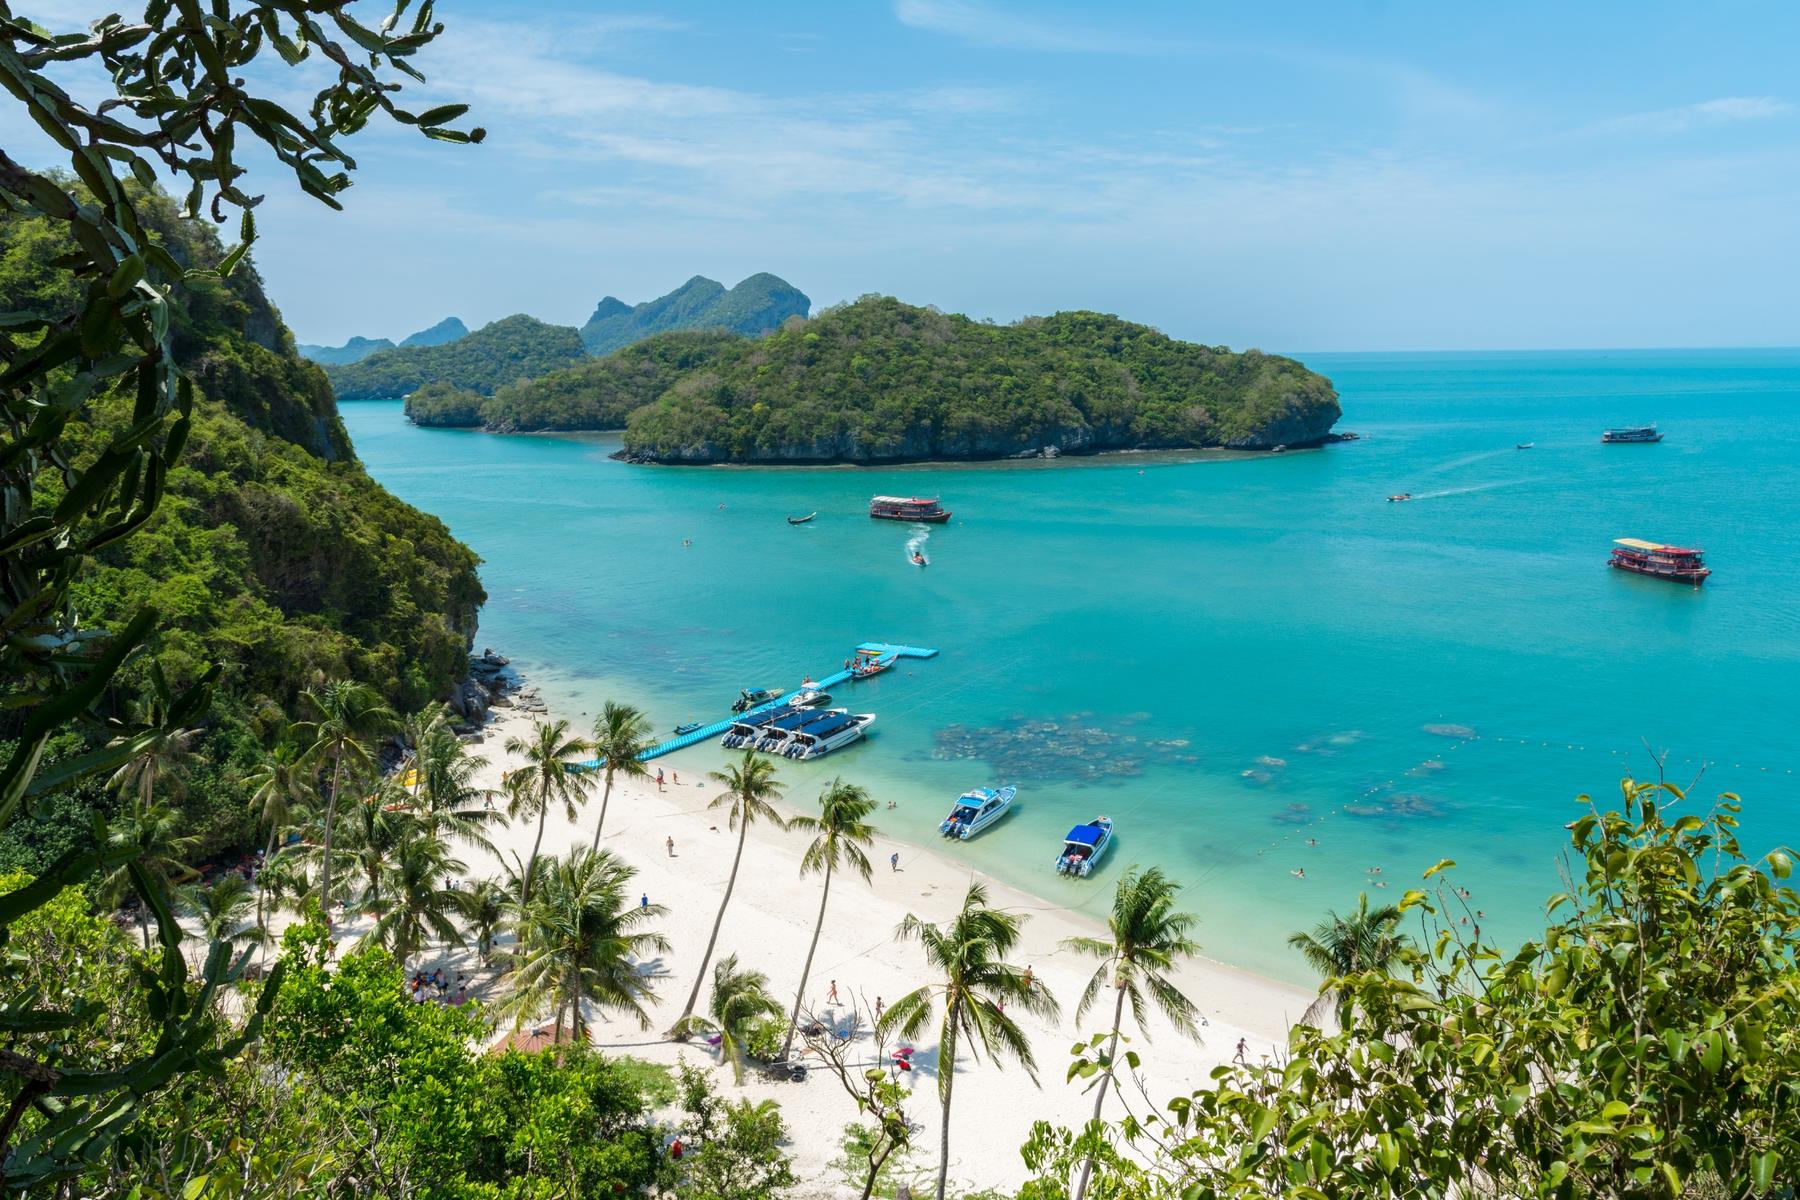 Пляжный отдых зимой. Национальный морской парк Анг Тонг, остров Ко Самуи, Таиланд